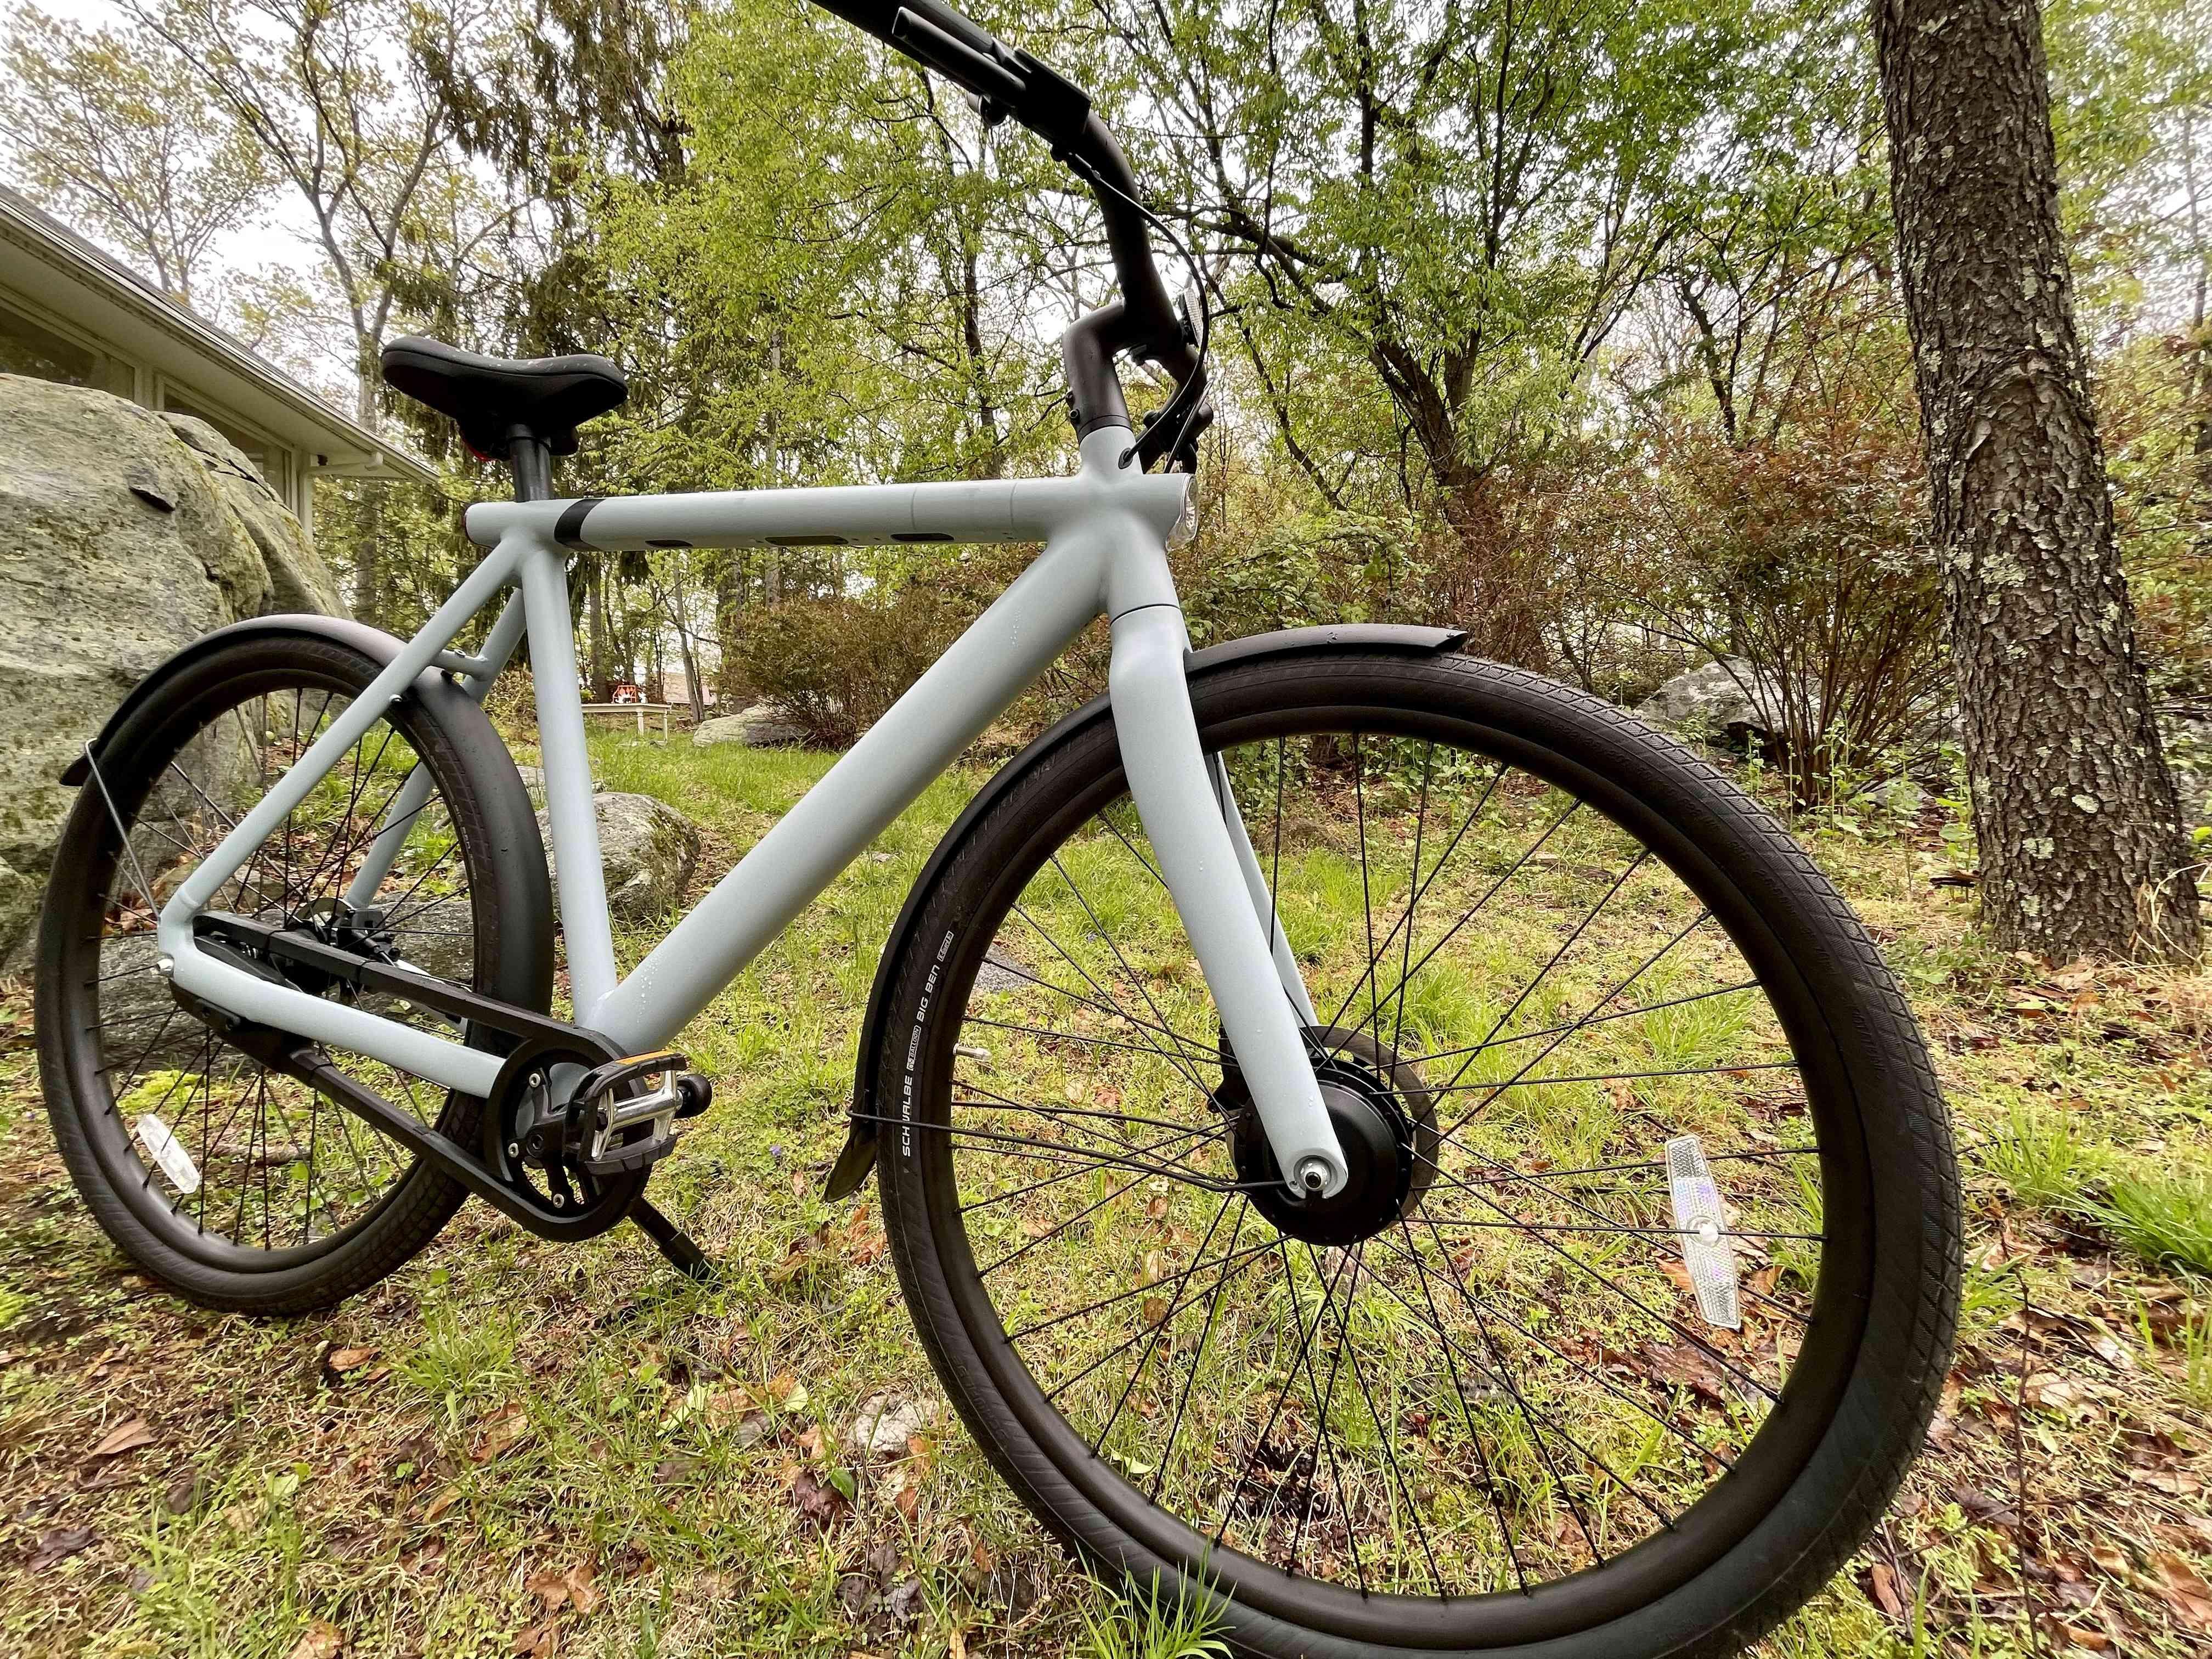 The VanMoof S3 E-Bike.